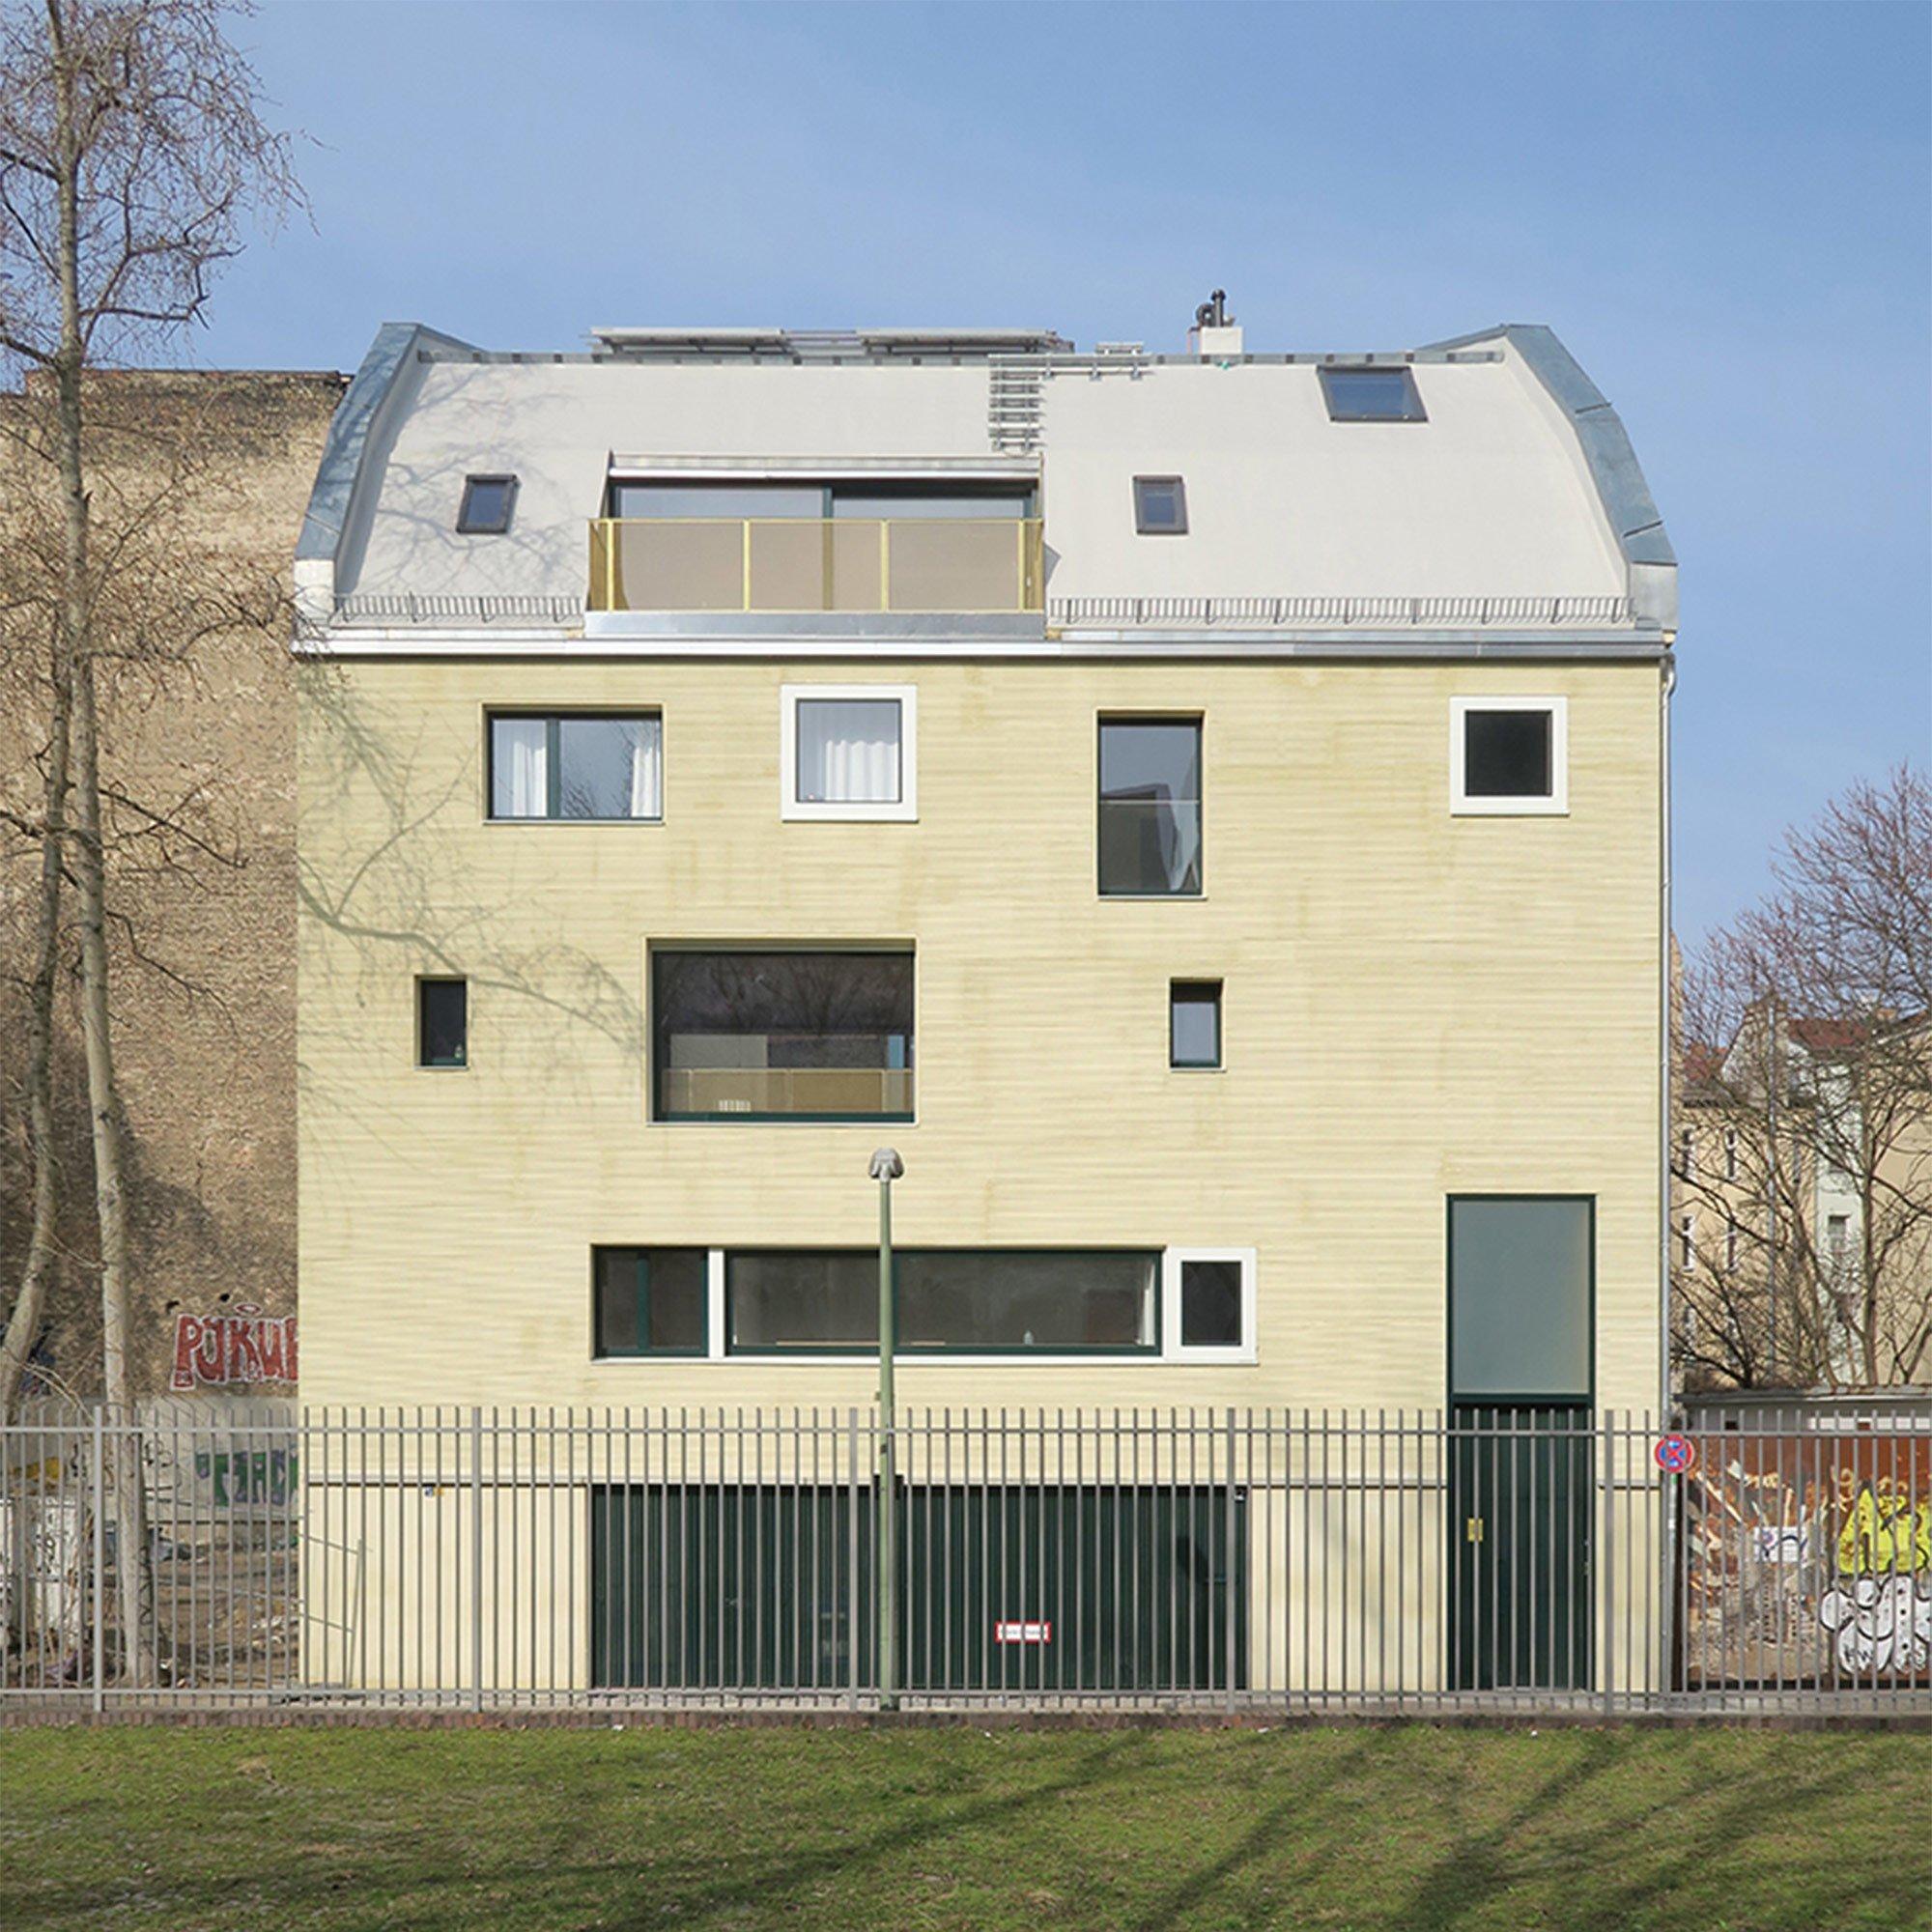 Die unterschiedlich groß dimensionierten Fenster des Gebäudes vermeiden eine monotone Proportionierung ebenso wie eine strenge Gliederung.